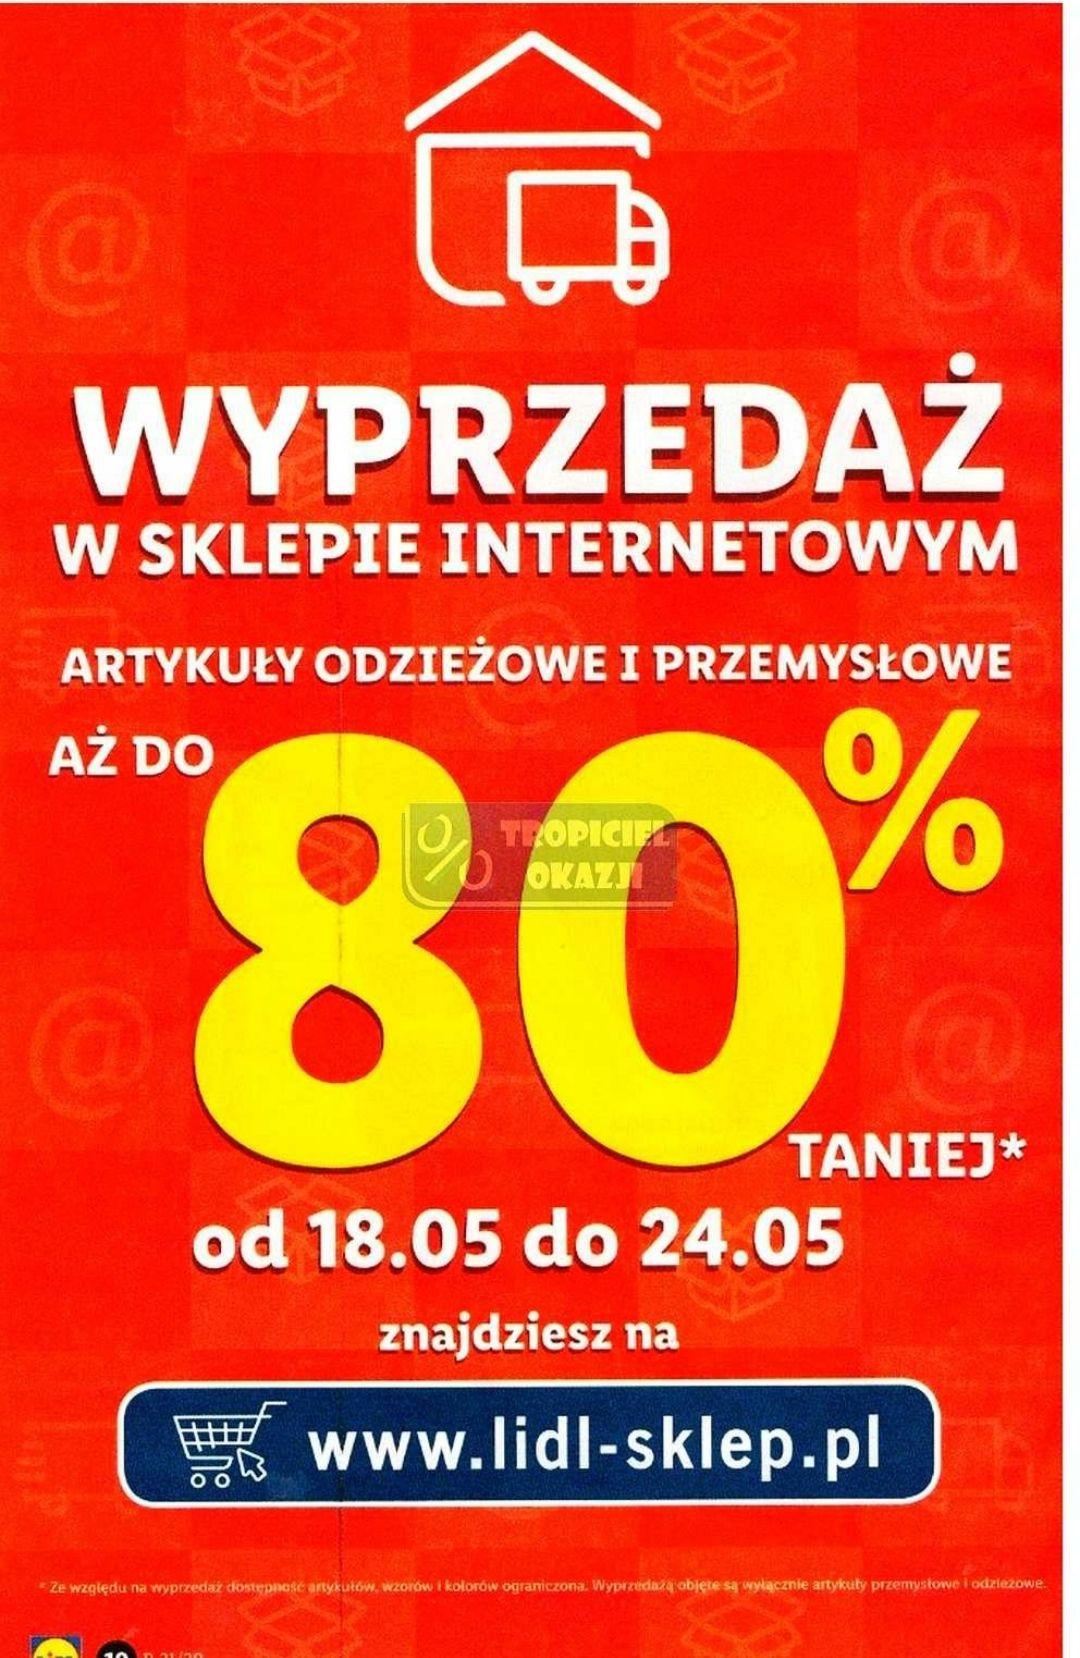 Wyprzedaż w sklepie online - Lidl